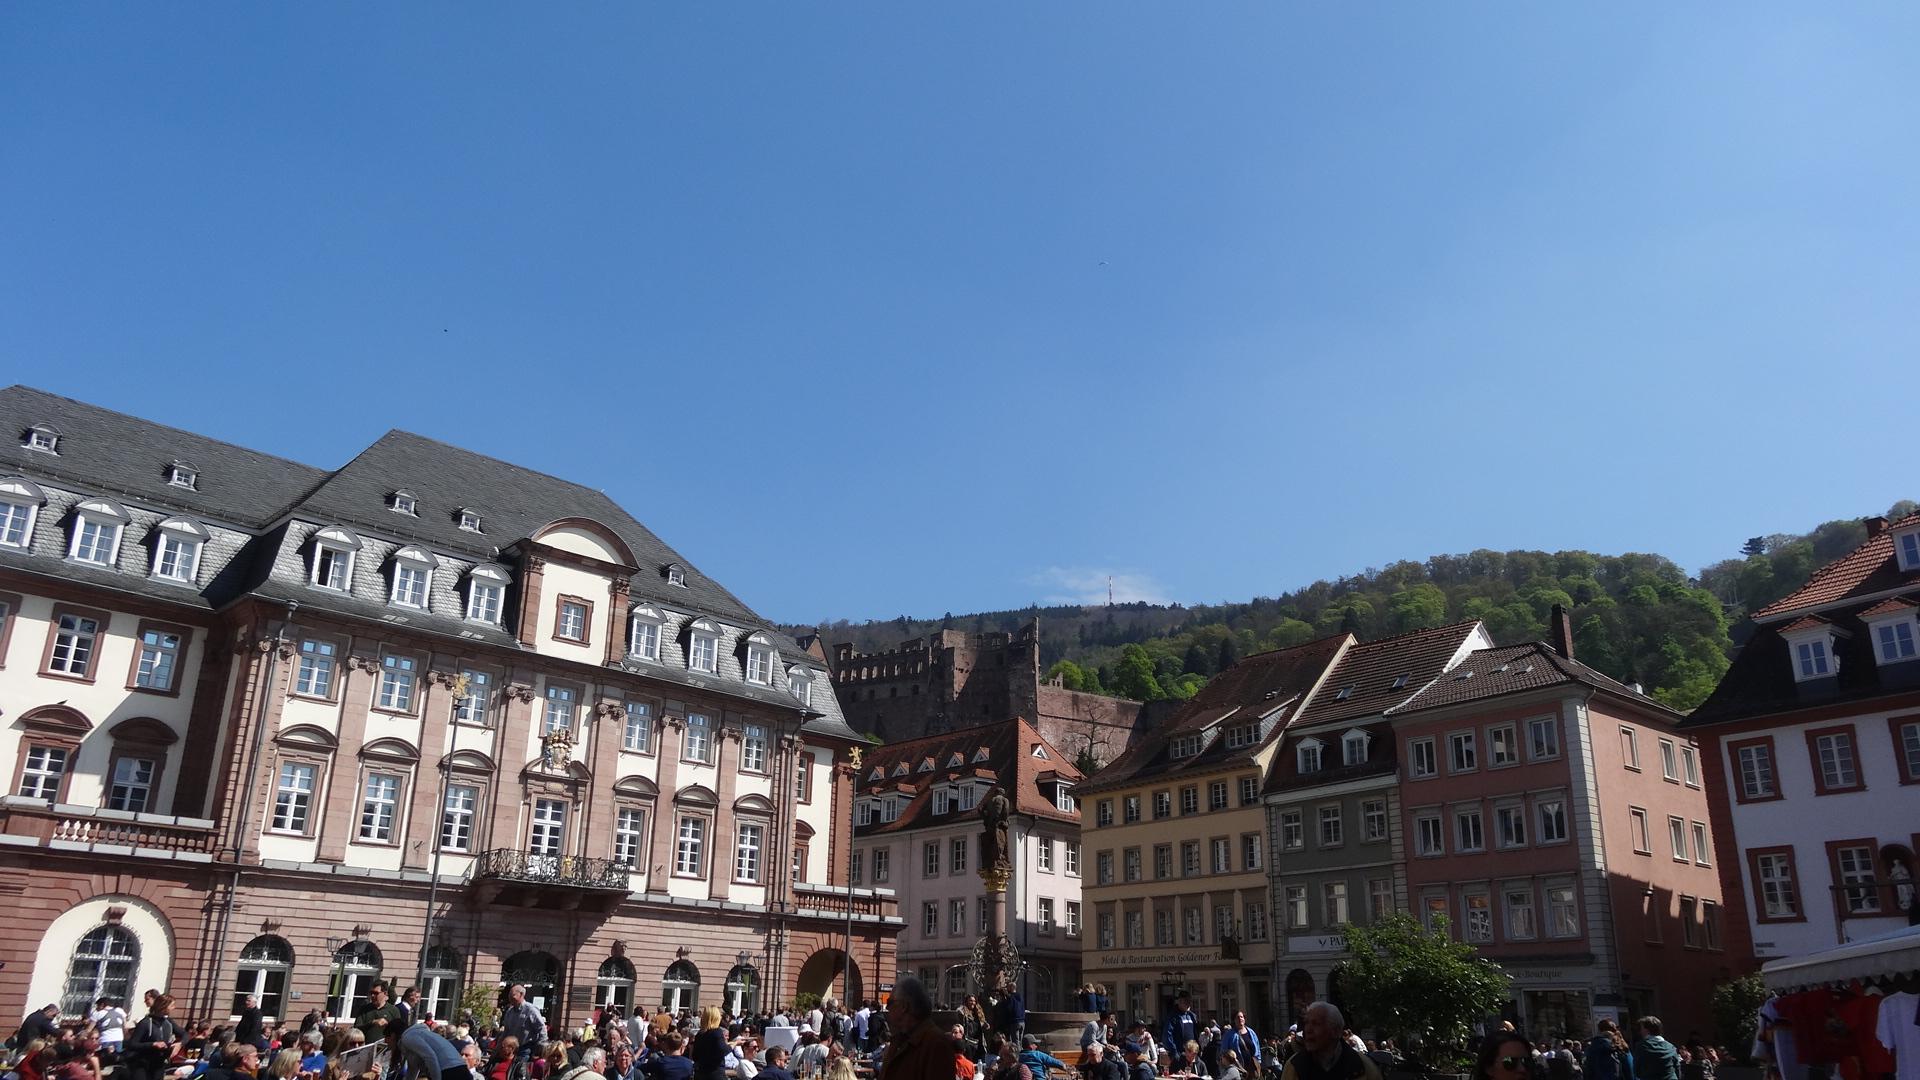 Marktplatz mit Blick auf Rathaus